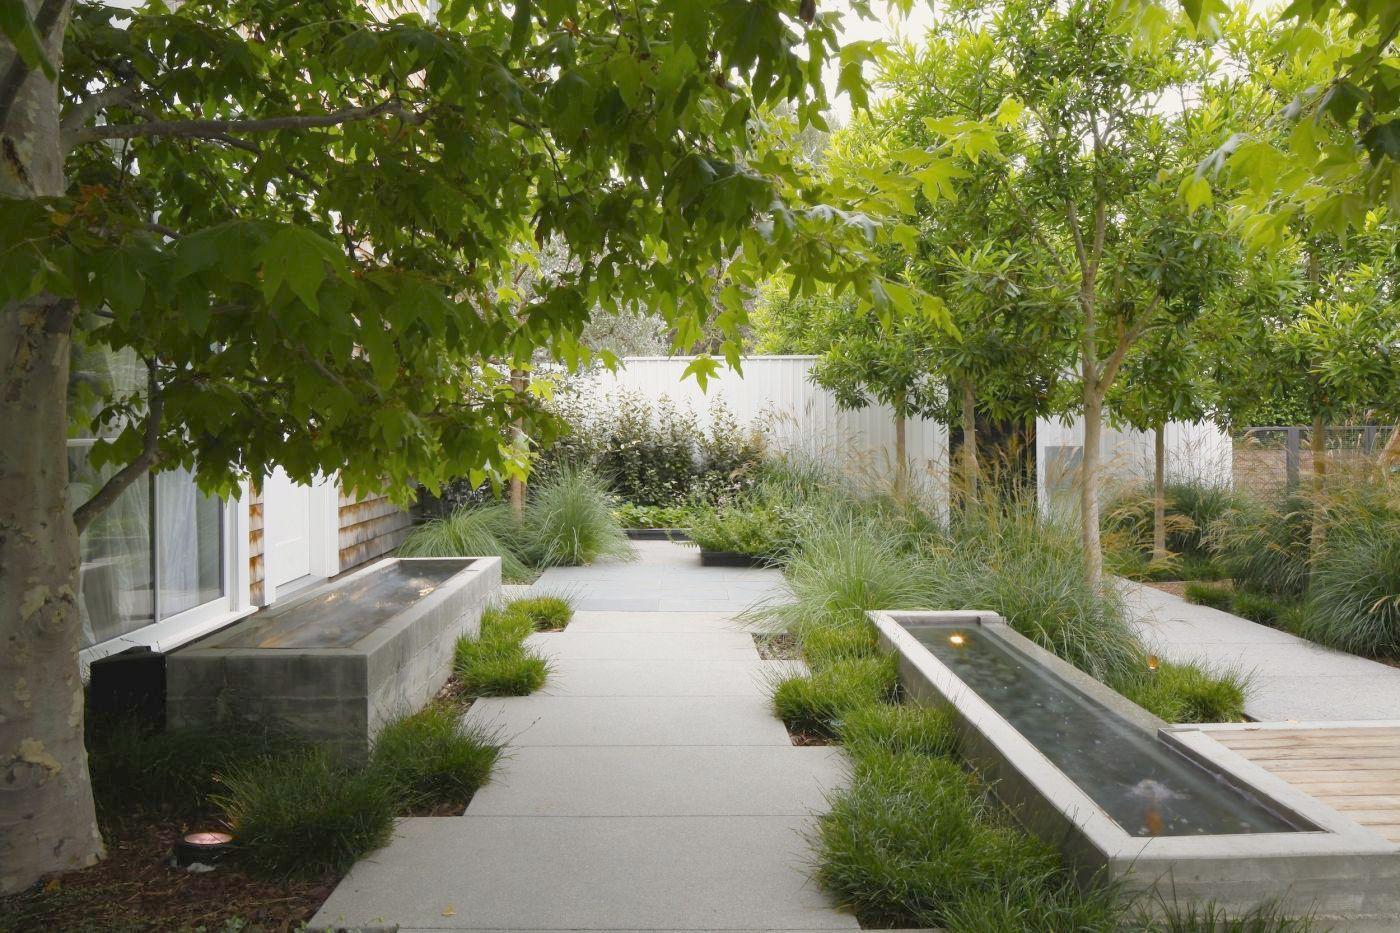 Landscape Architecture Degree Nj Landscape Architect Associate